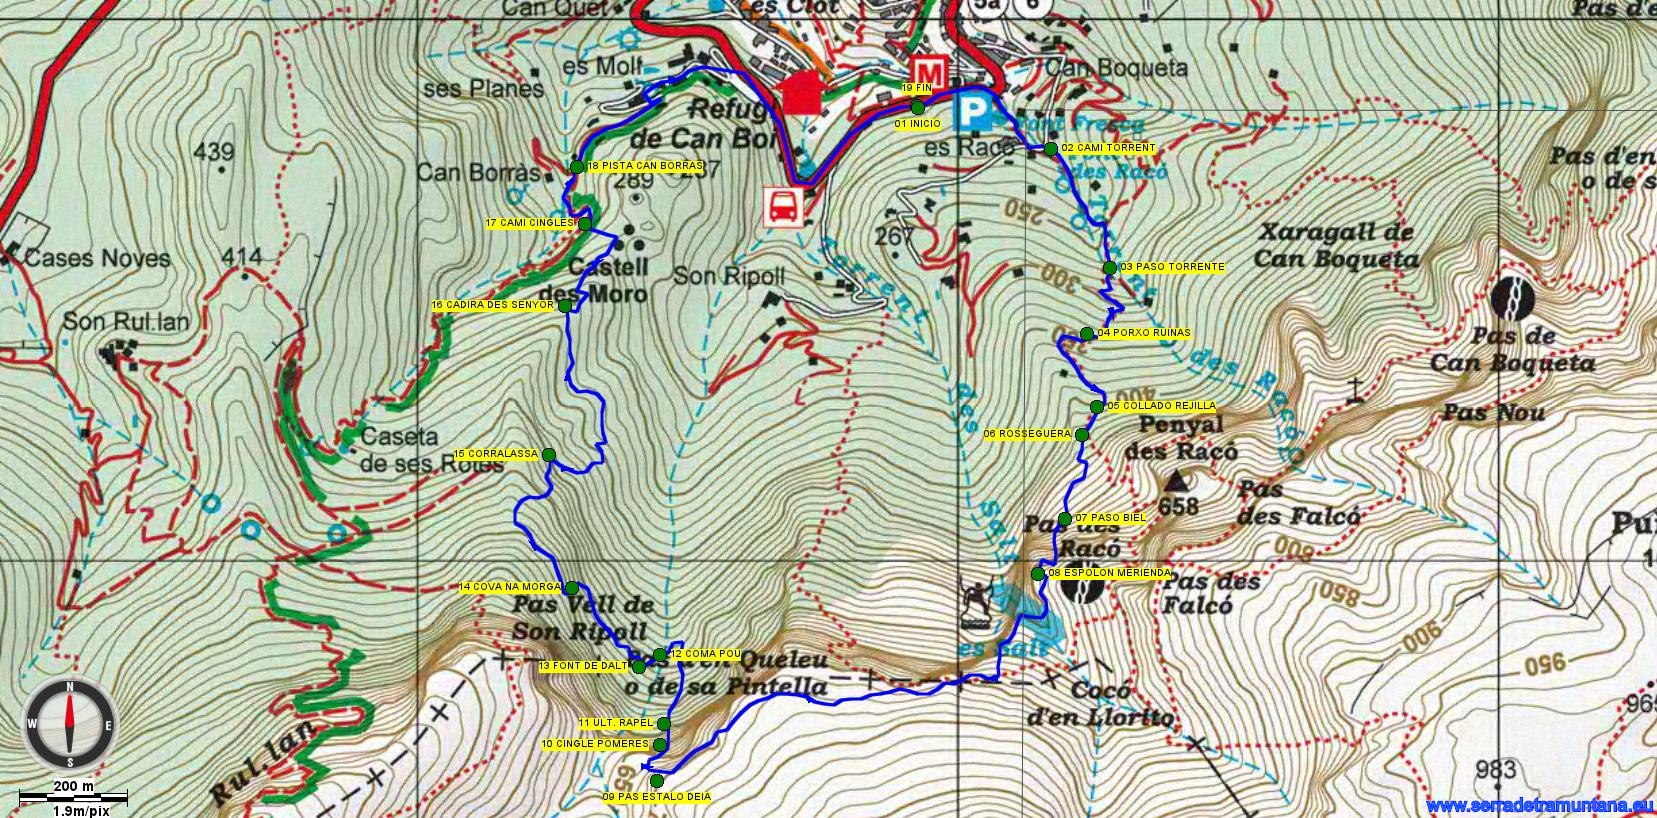 Mapa de la ruta realizada